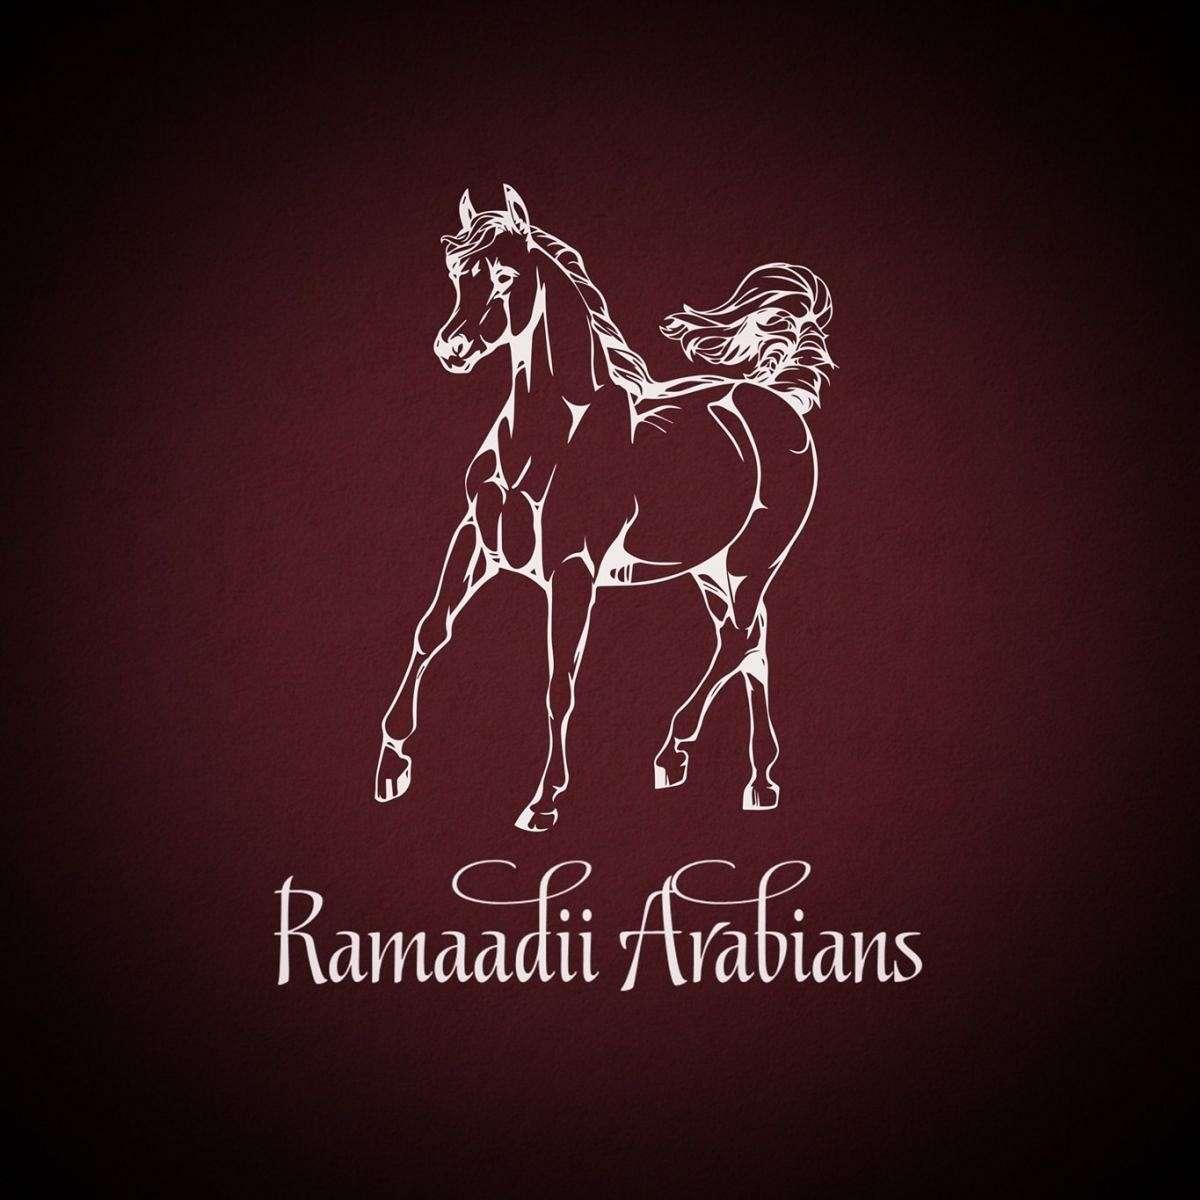 Ramaadii Arabians